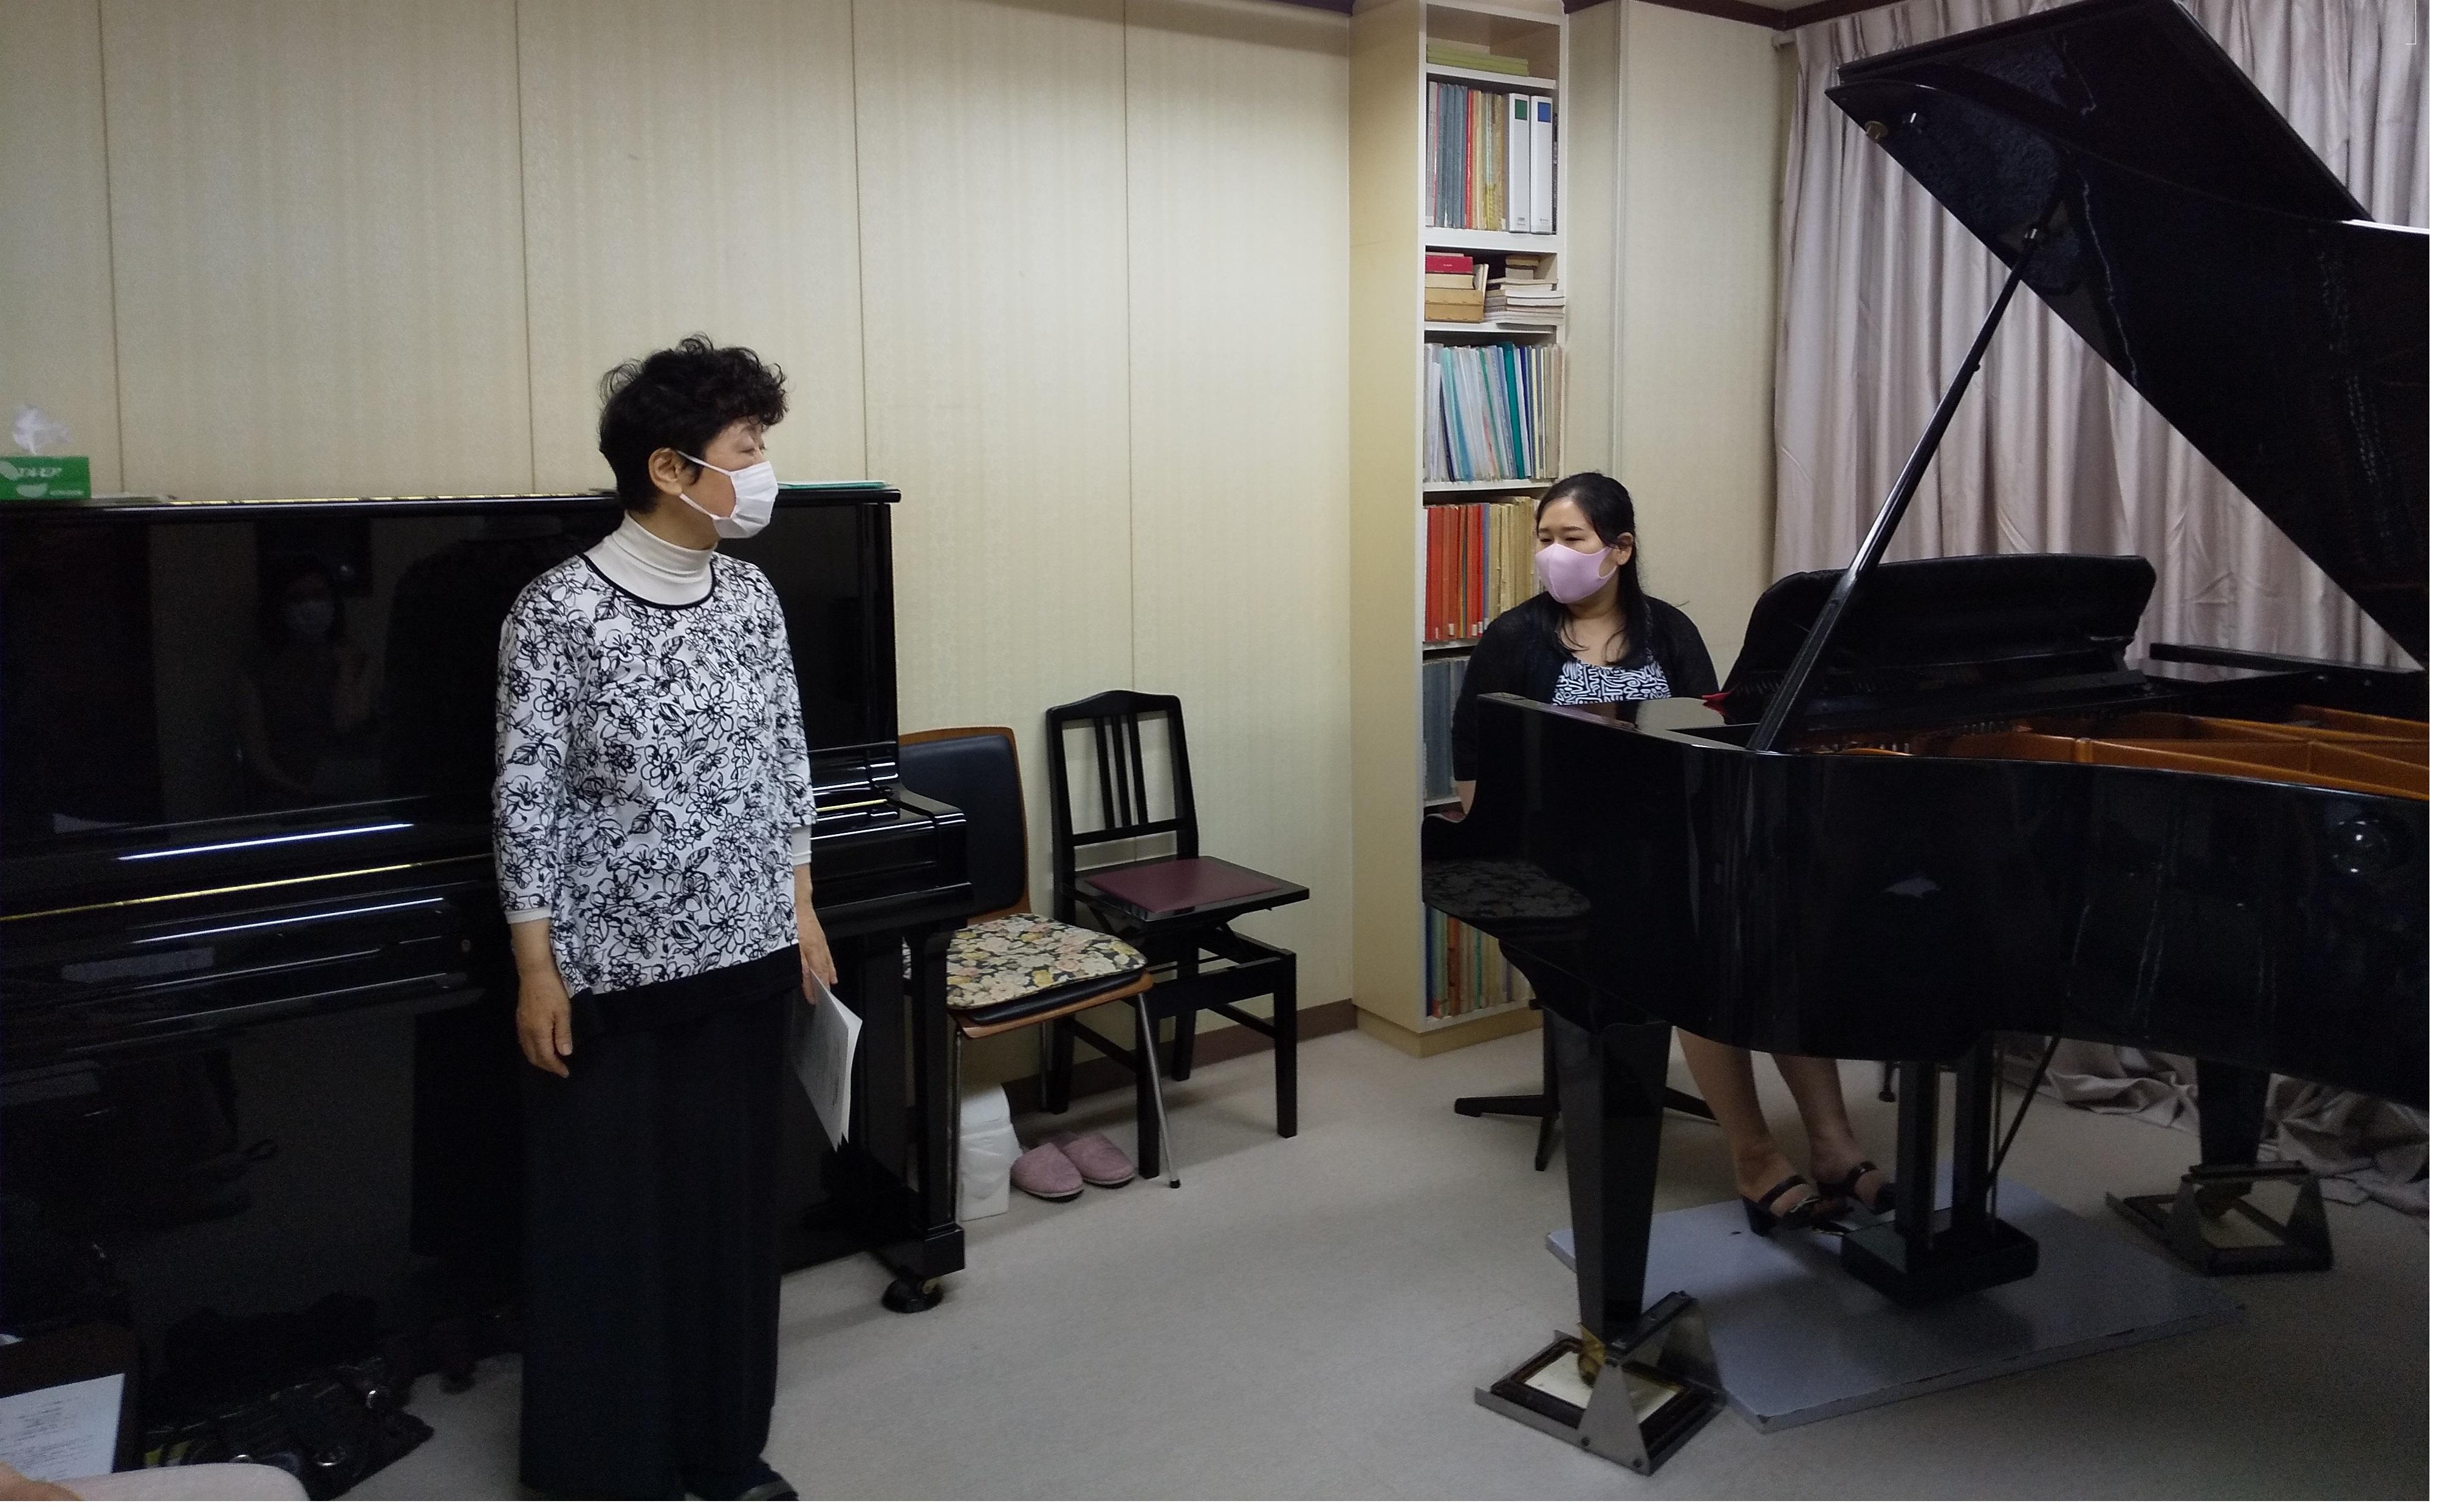 【ピアノの音・響きを探求】 アローマ着脱体験会 ピアニスト岩井のぞみさんとともに